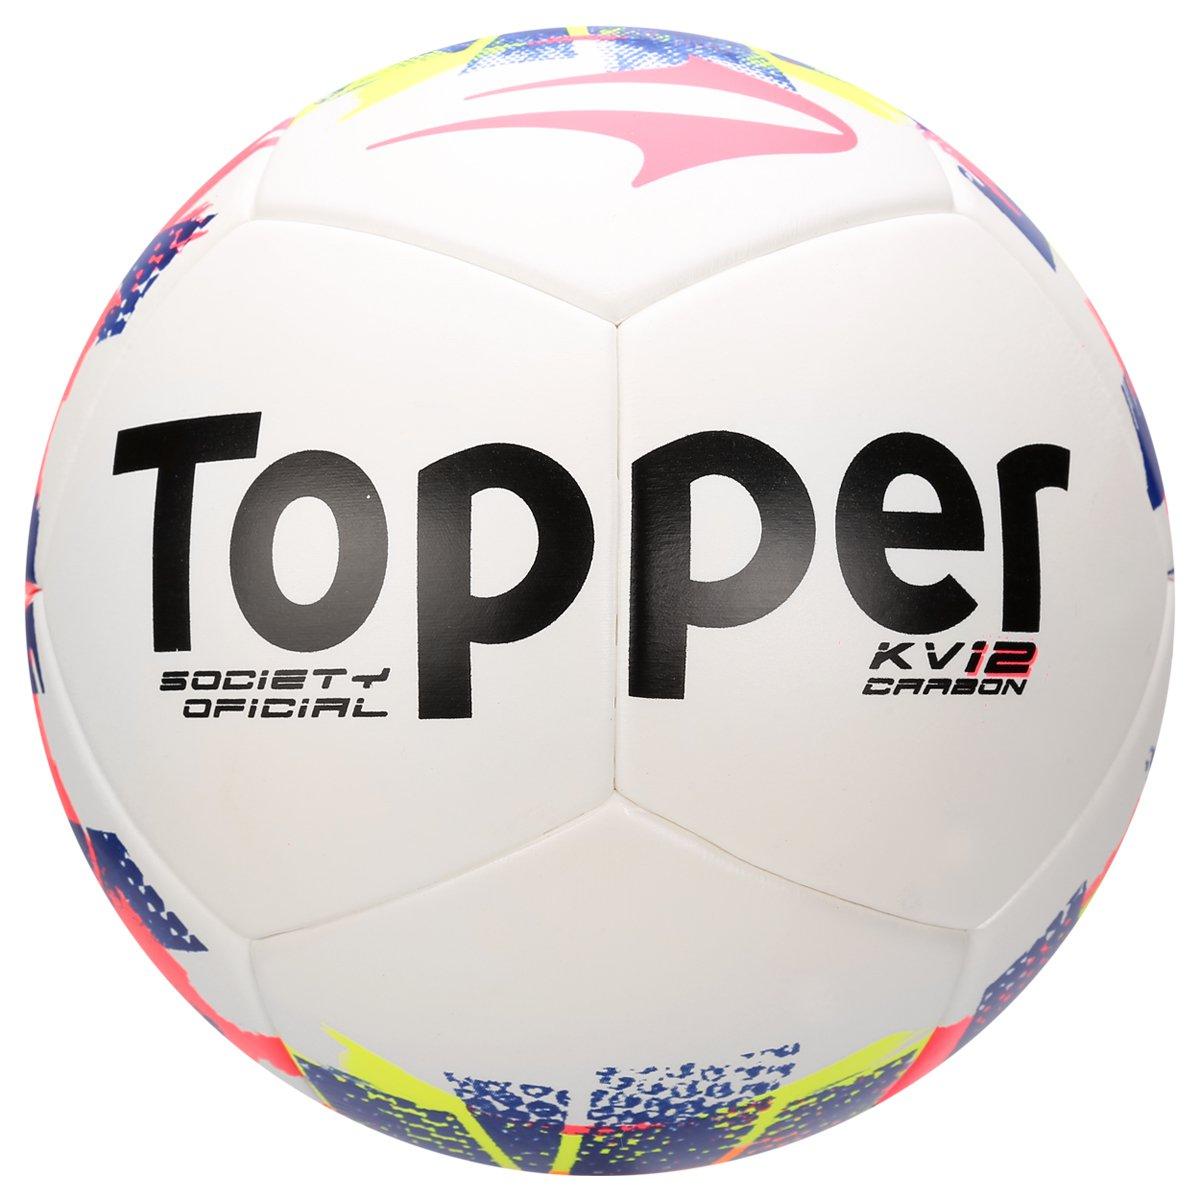 Bola Topper KV Carbon League Society - Compre Agora  72d56f3765a4e